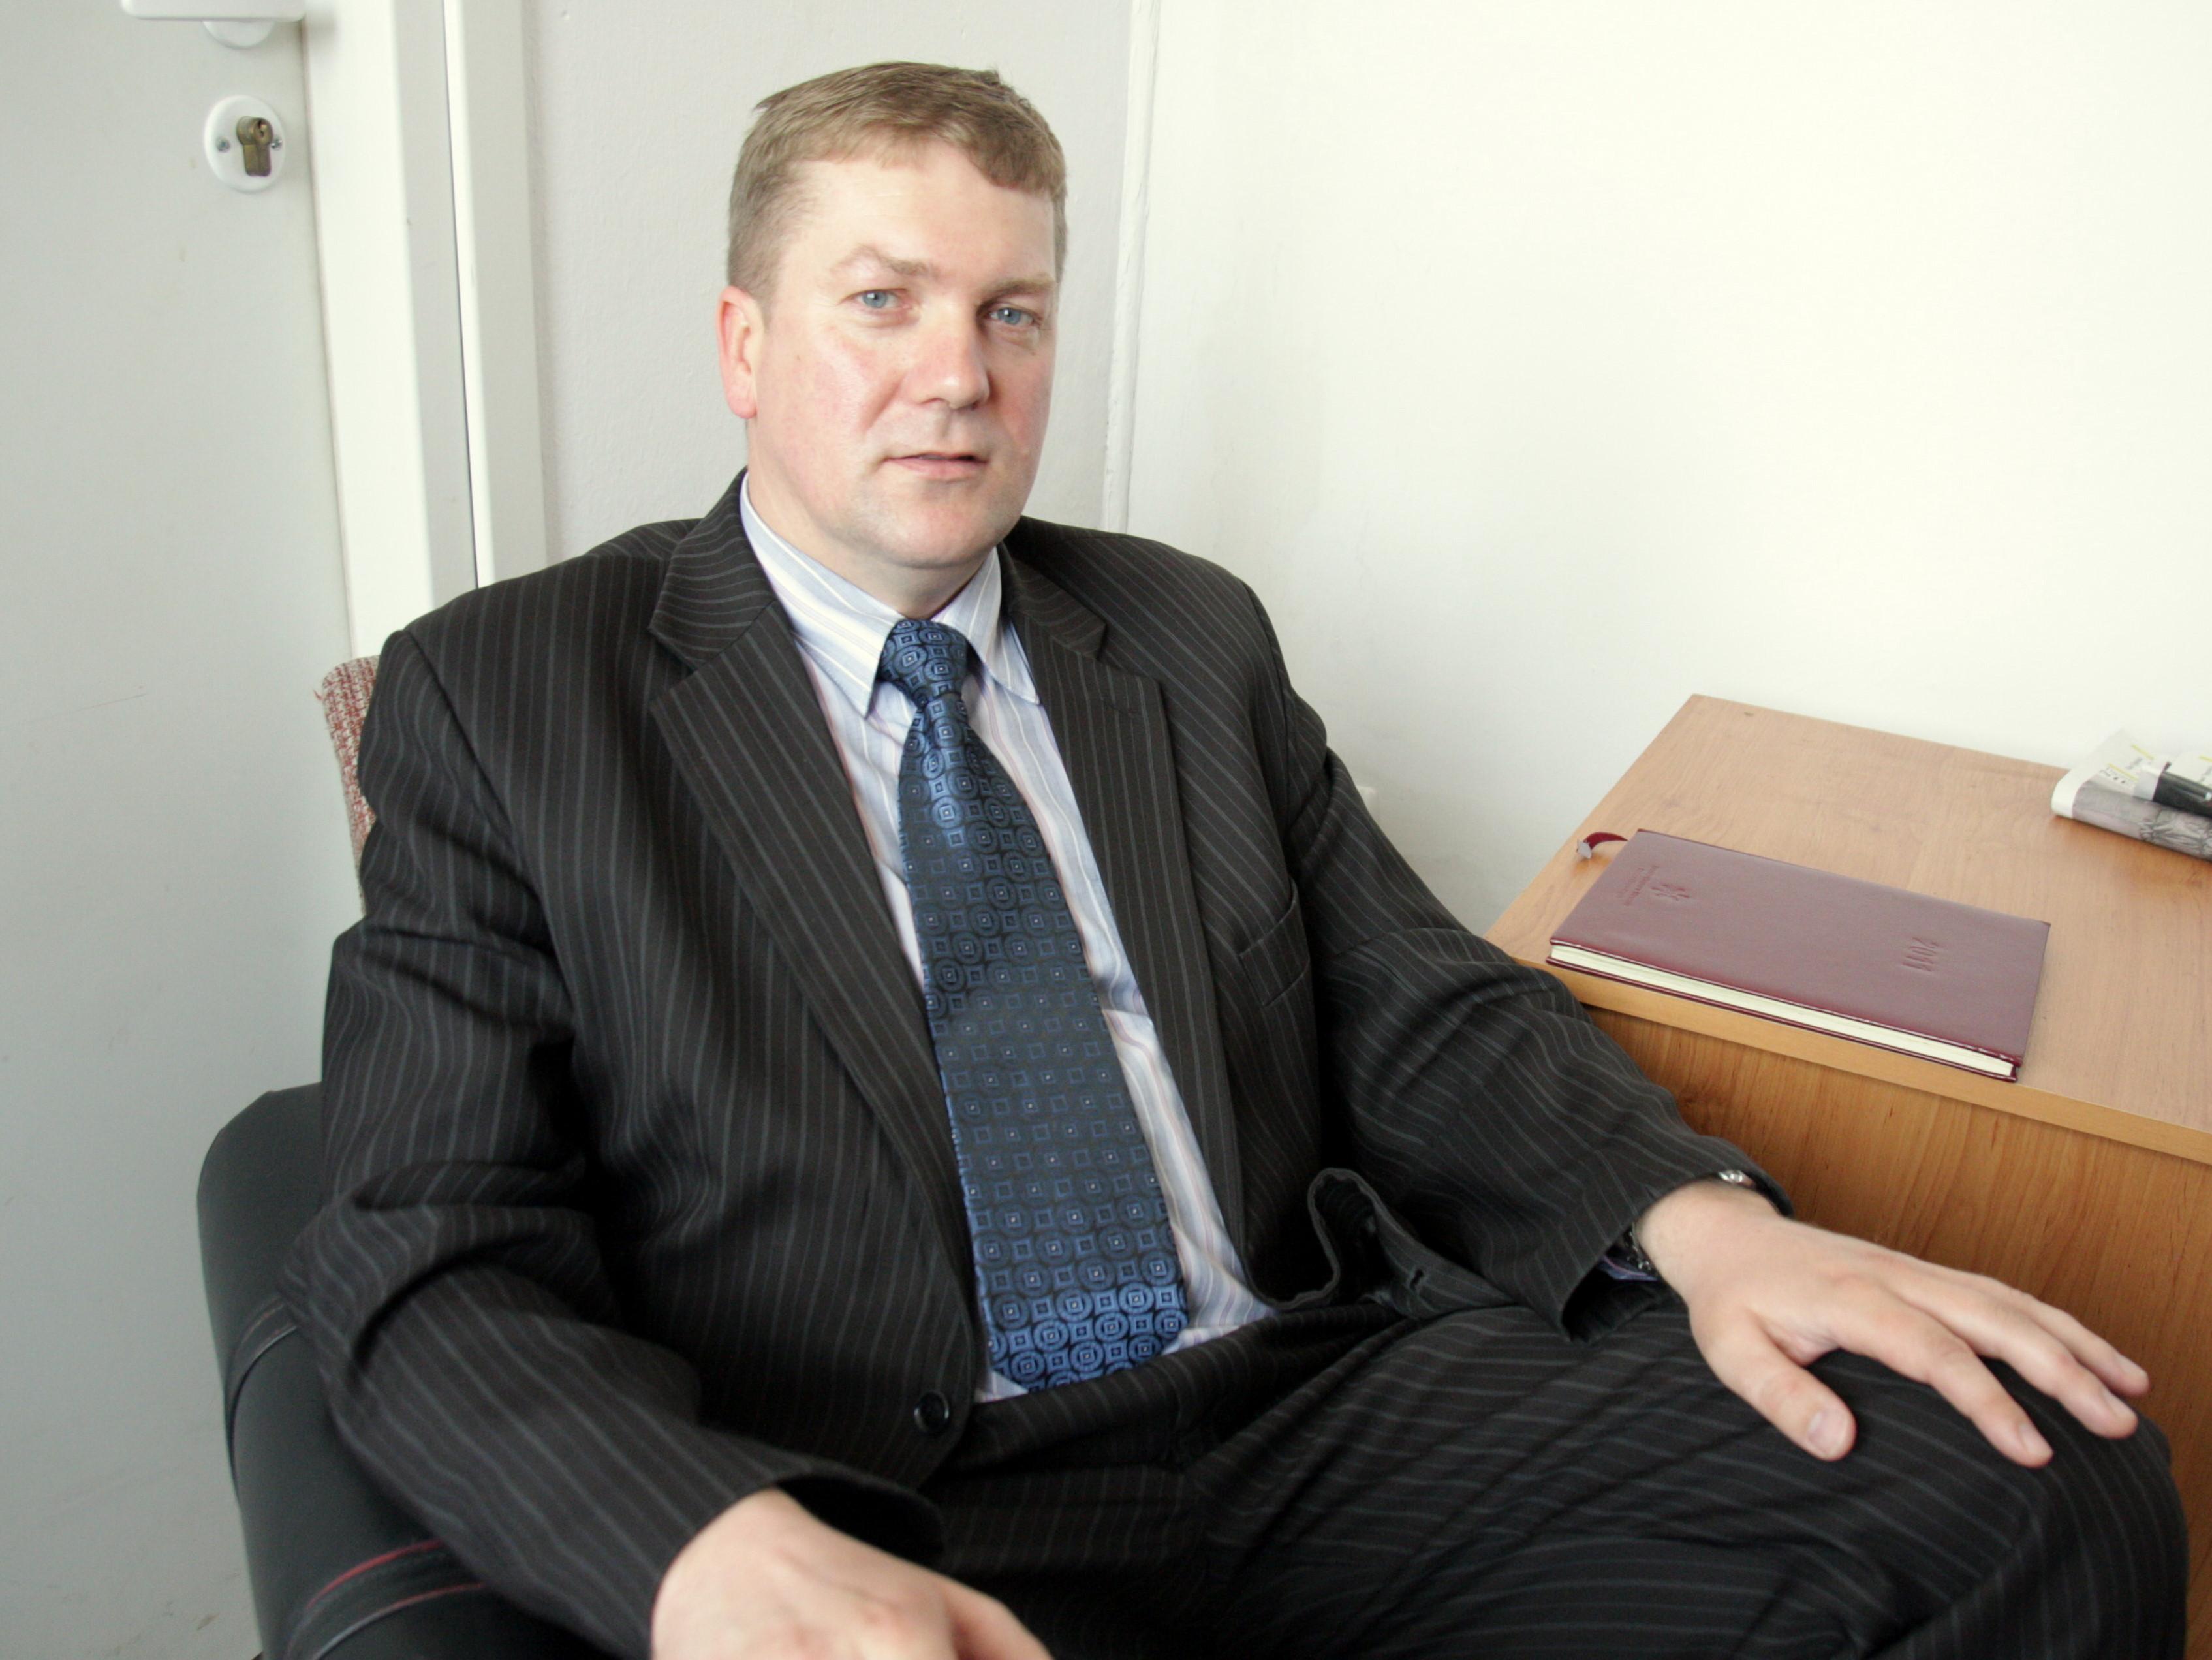 Wywiad z burmistrzem Narkowiczem